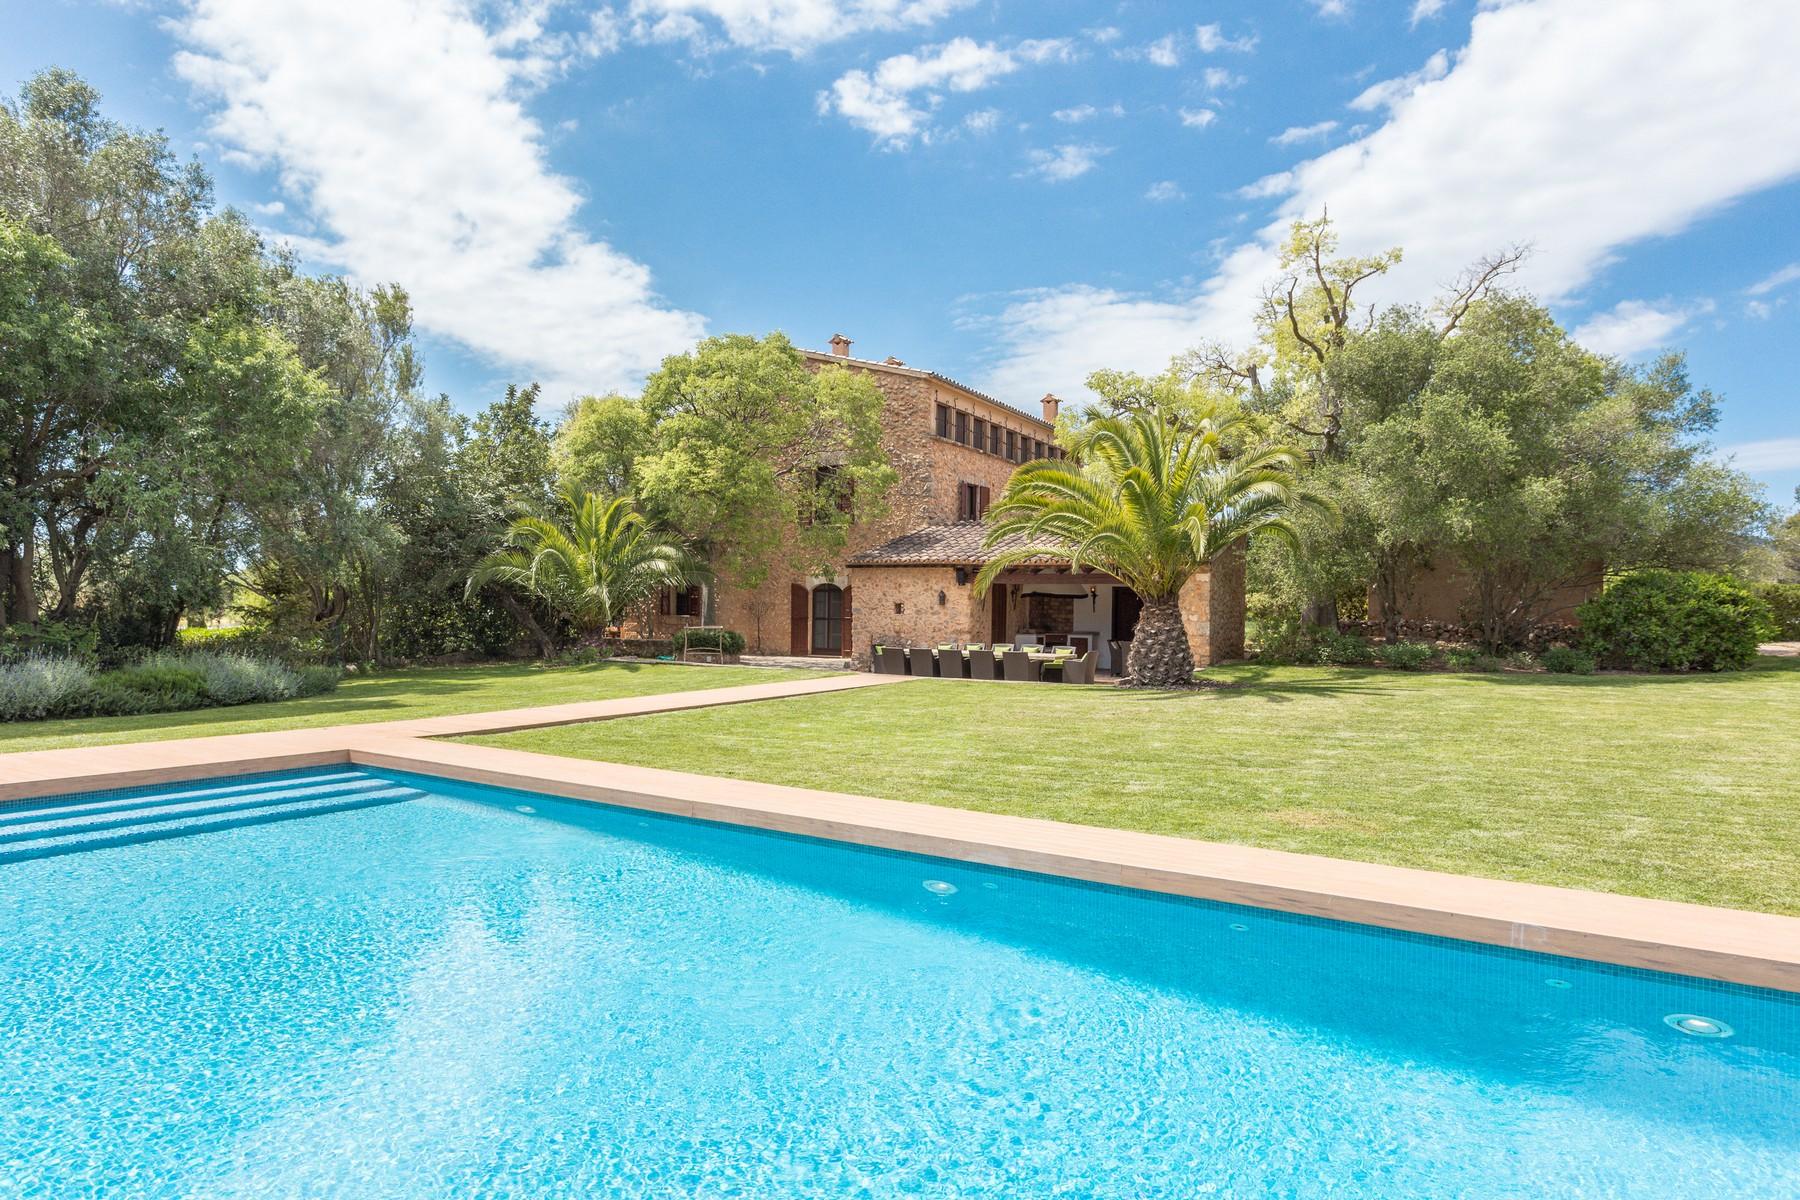 Casa Unifamiliar por un Venta en Historic country house in Santa Maria Santa Maria, Mallorca, 07320 España